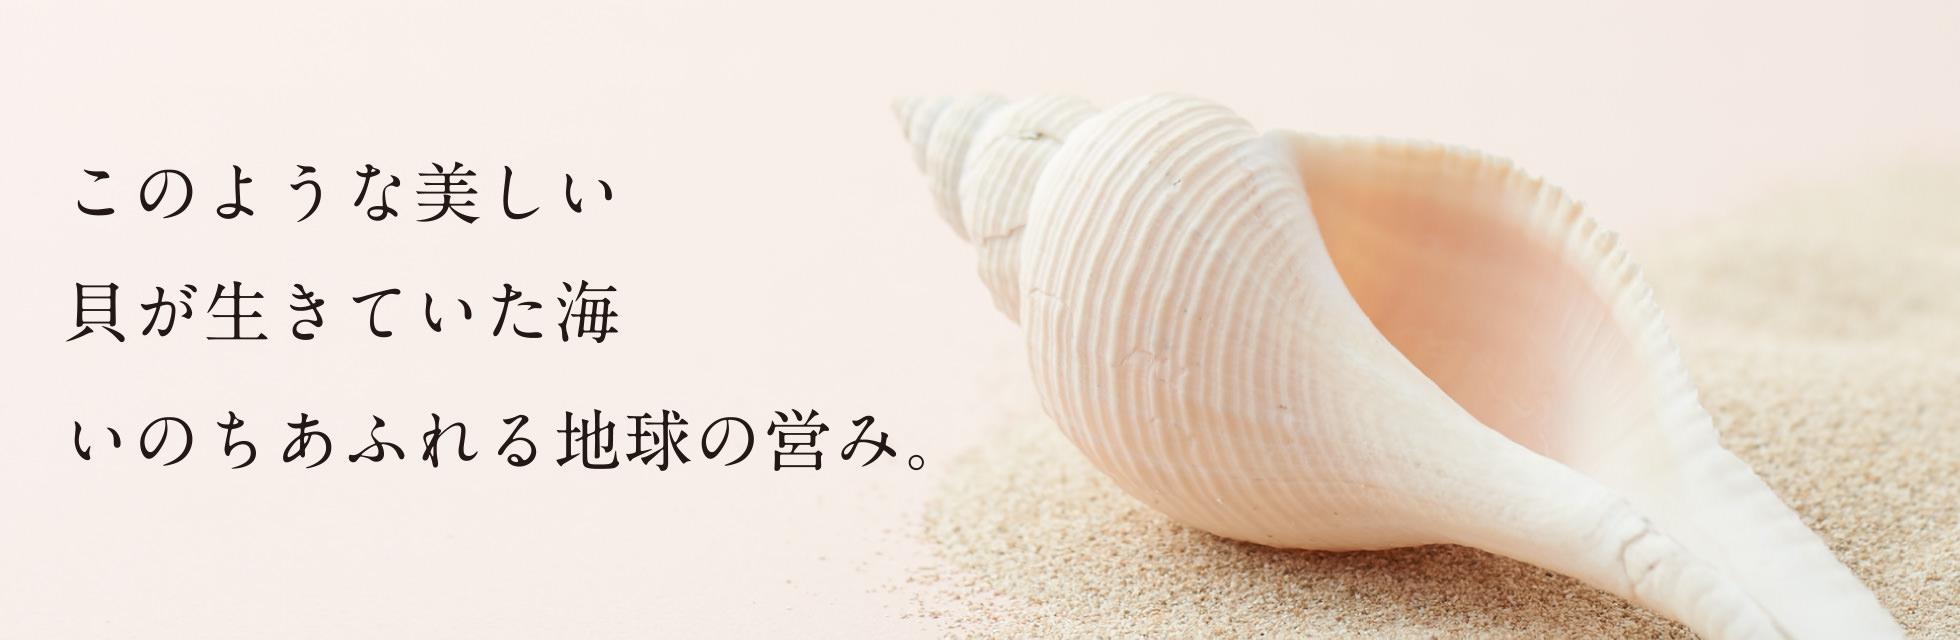 このような美しい 貝が生きていた海 いのちあふれる地球の営み。